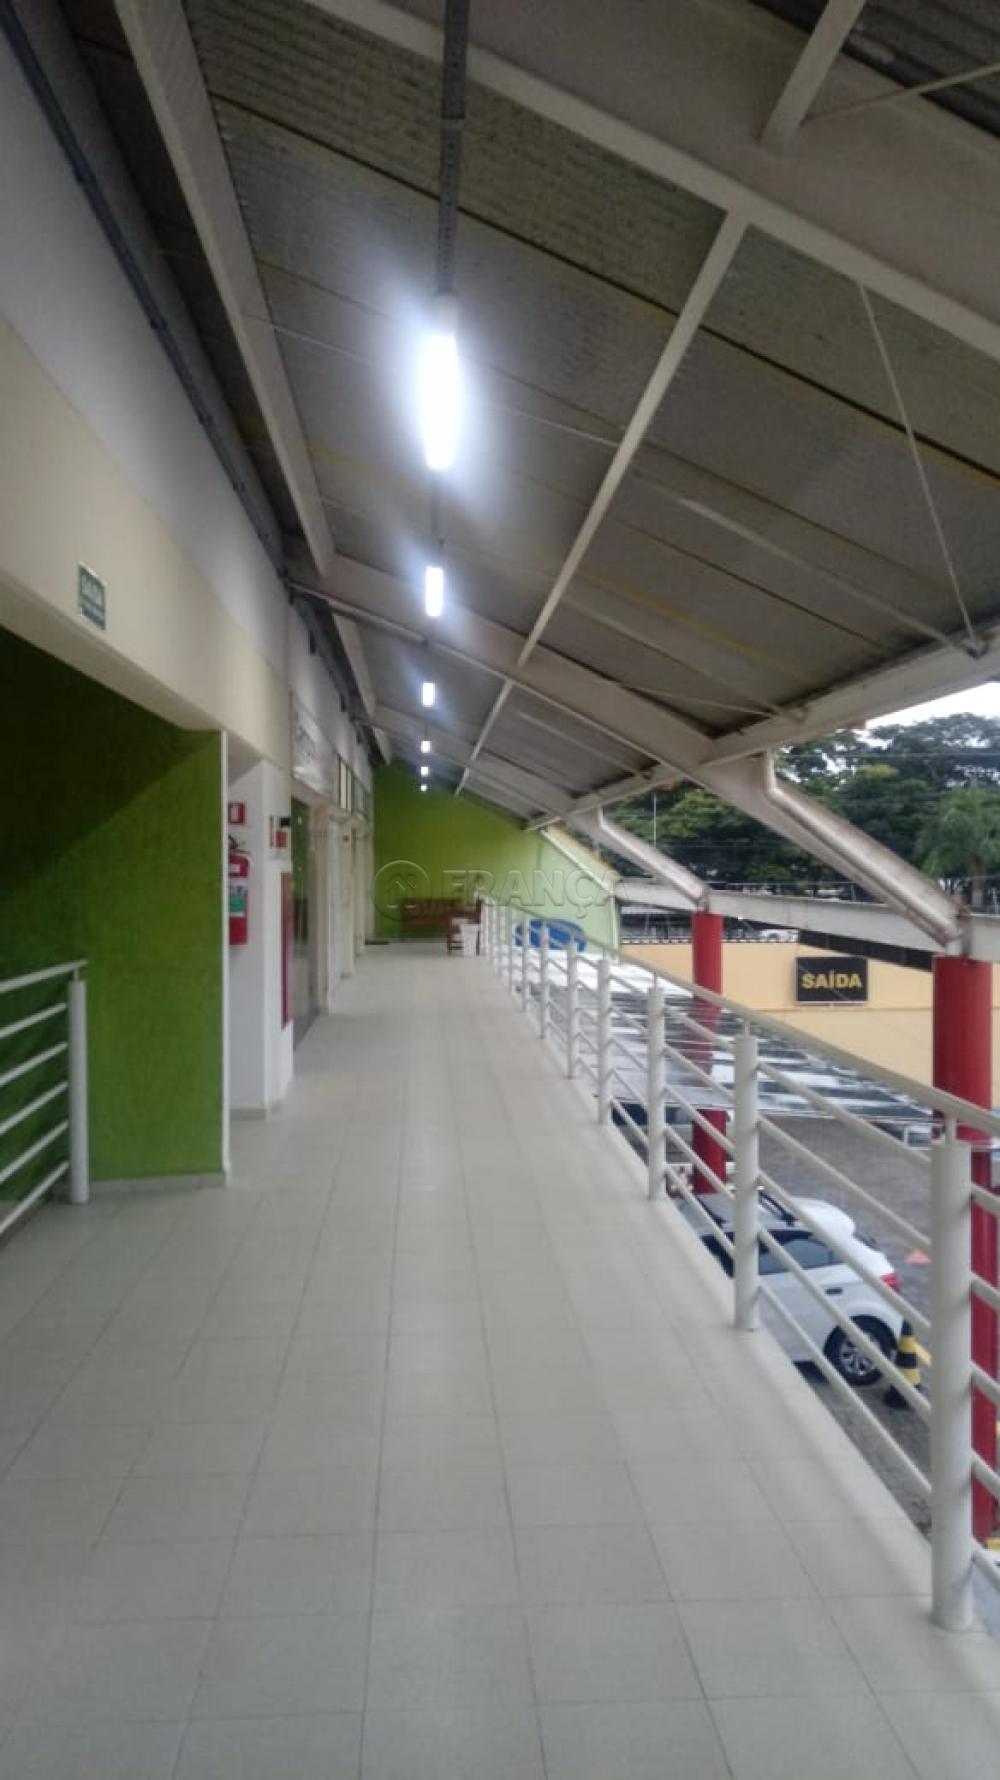 Alugar Comercial / Sala em Condomínio em Jacareí apenas R$ 1.000,00 - Foto 14